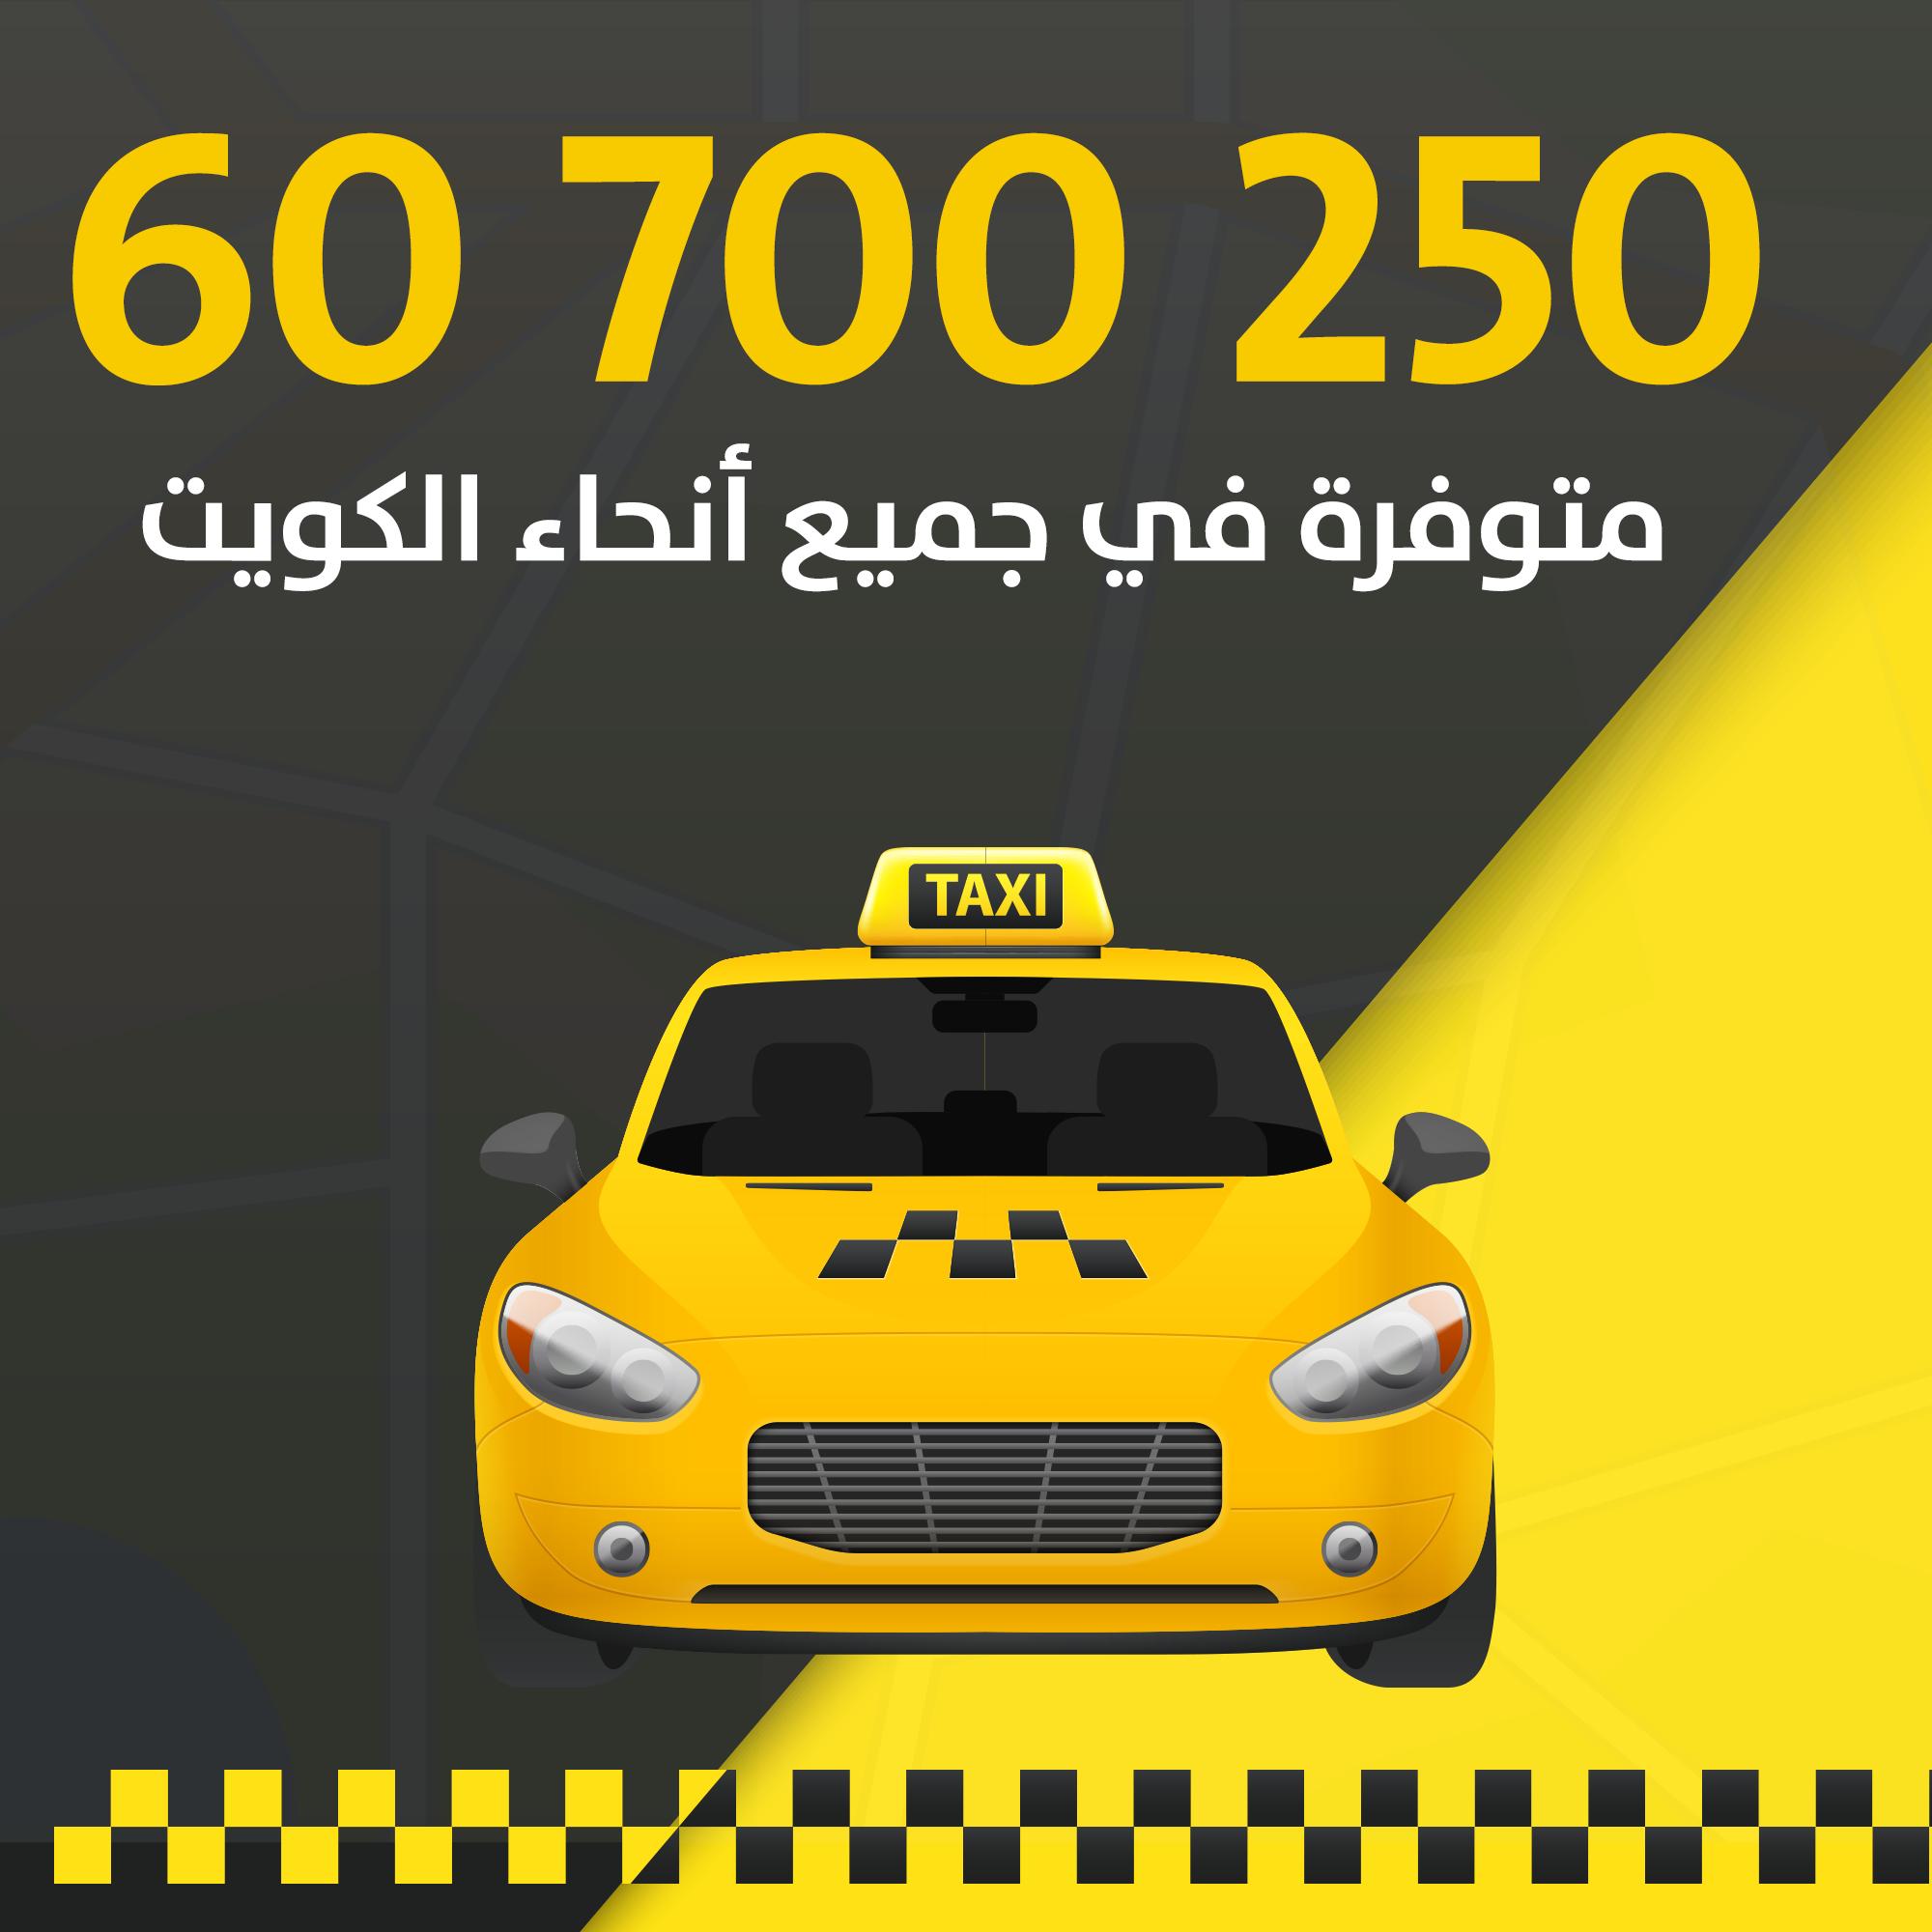 تاكسي توصيلة في شارع نصر يسار